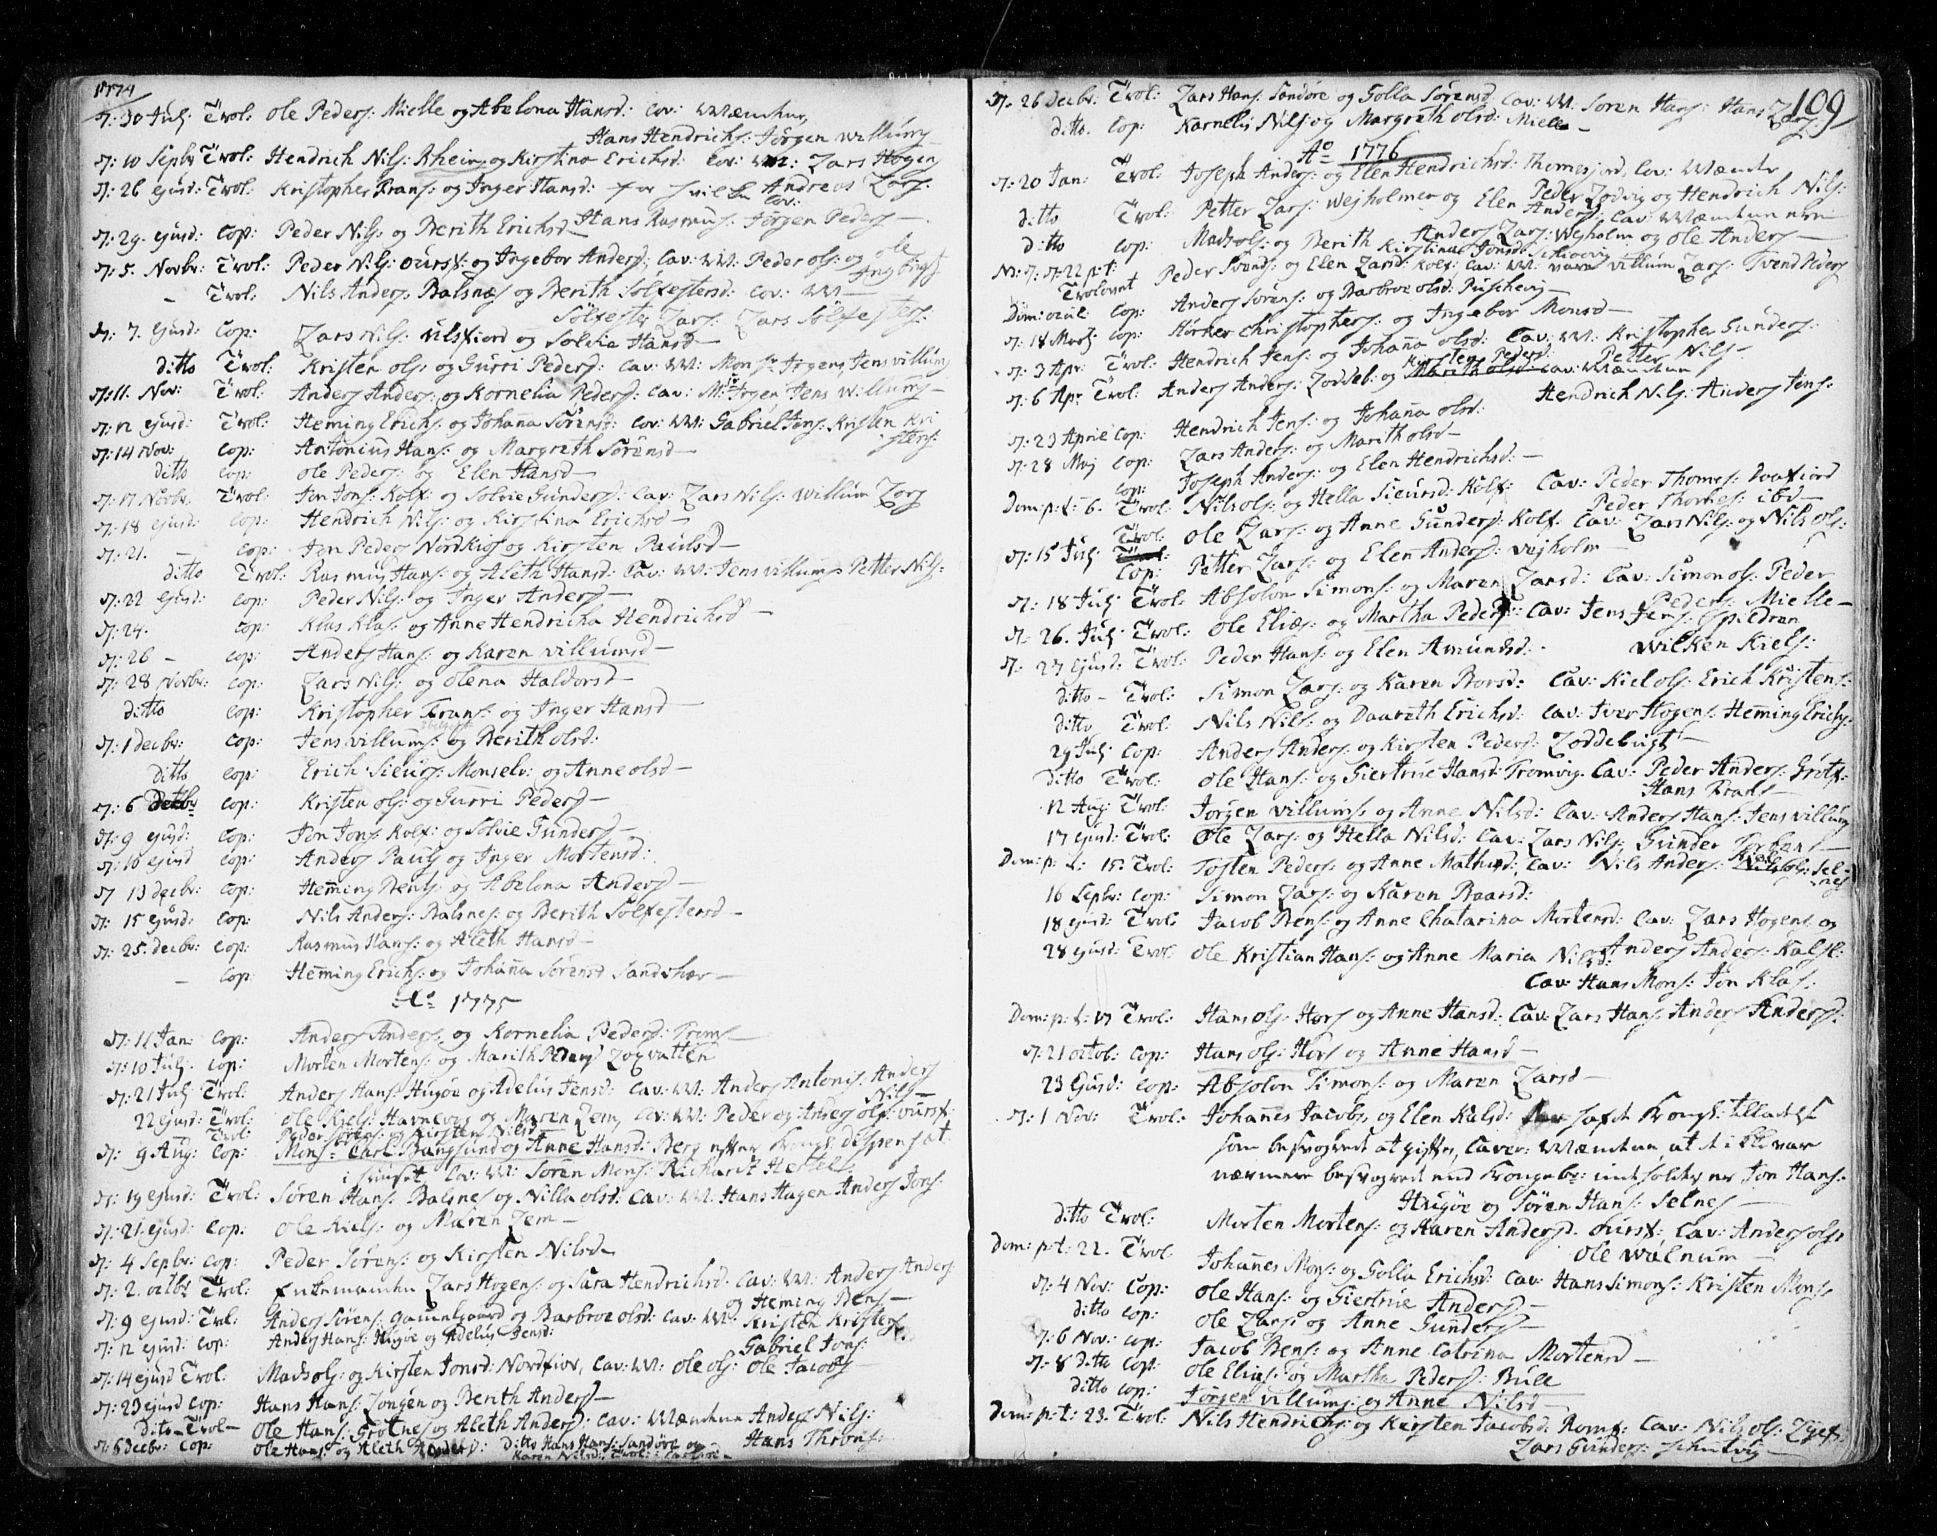 SATØ, Tromsø sokneprestkontor/stiftsprosti/domprosti, G/Ga/L0002kirke: Ministerialbok nr. 2, 1753-1778, s. 109